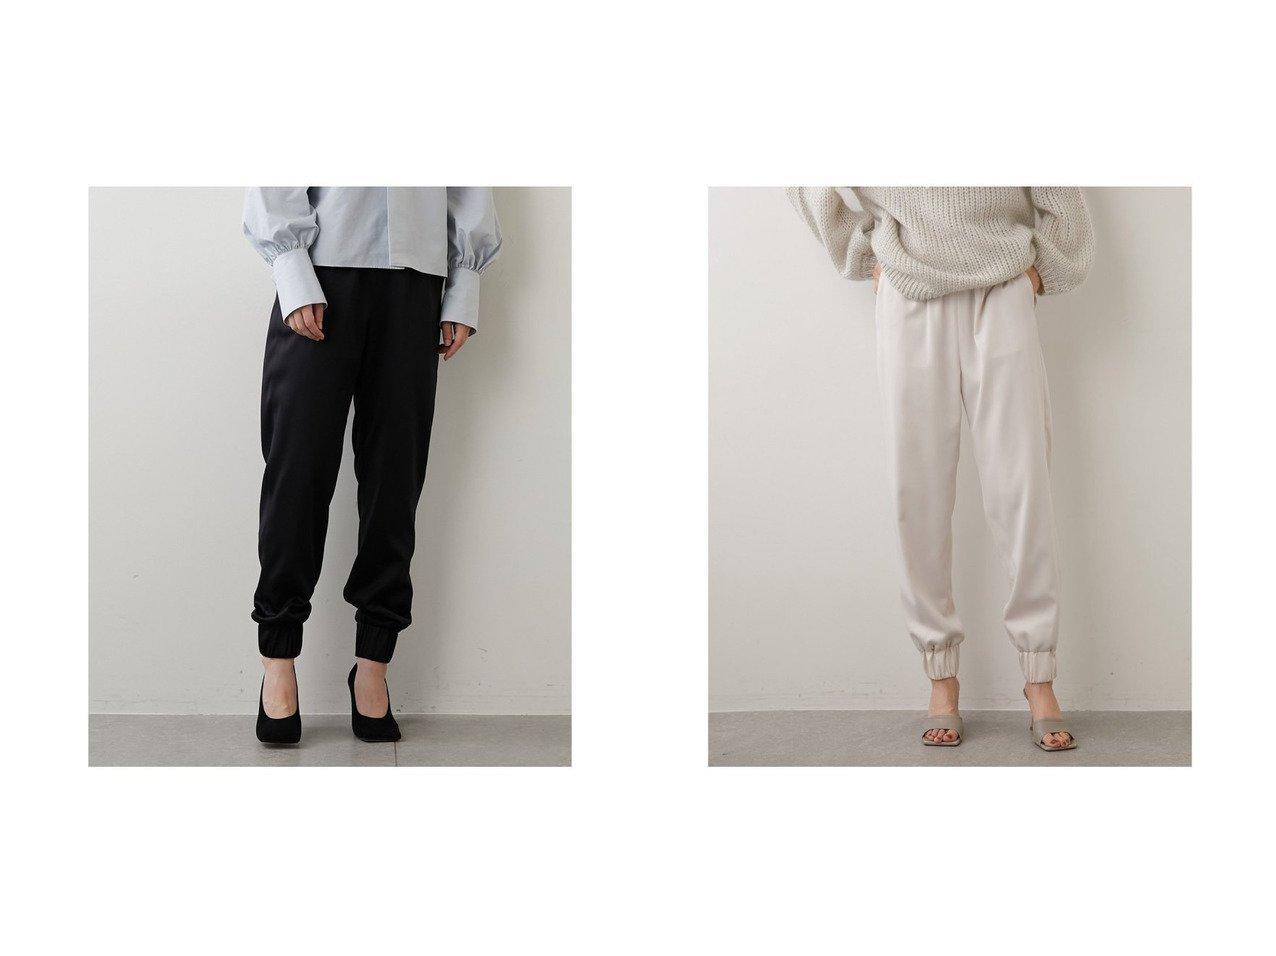 【Whim Gazette/ウィムガゼット】のJOGパンツ 【パンツ】おすすめ!人気、トレンド・レディースファッションの通販 おすすめで人気の流行・トレンド、ファッションの通販商品 インテリア・家具・メンズファッション・キッズファッション・レディースファッション・服の通販 founy(ファニー) https://founy.com/ ファッション Fashion レディースファッション WOMEN パンツ Pants NEW・新作・新着・新入荷 New Arrivals 2021年 2021 2021-2022秋冬・A/W AW・Autumn/Winter・FW・Fall-Winter・2021-2022 A/W・秋冬 AW・Autumn/Winter・FW・Fall-Winter サテン シャーリング シューズ ジーンズ ストレッチ フェミニン  ID:crp329100000070565